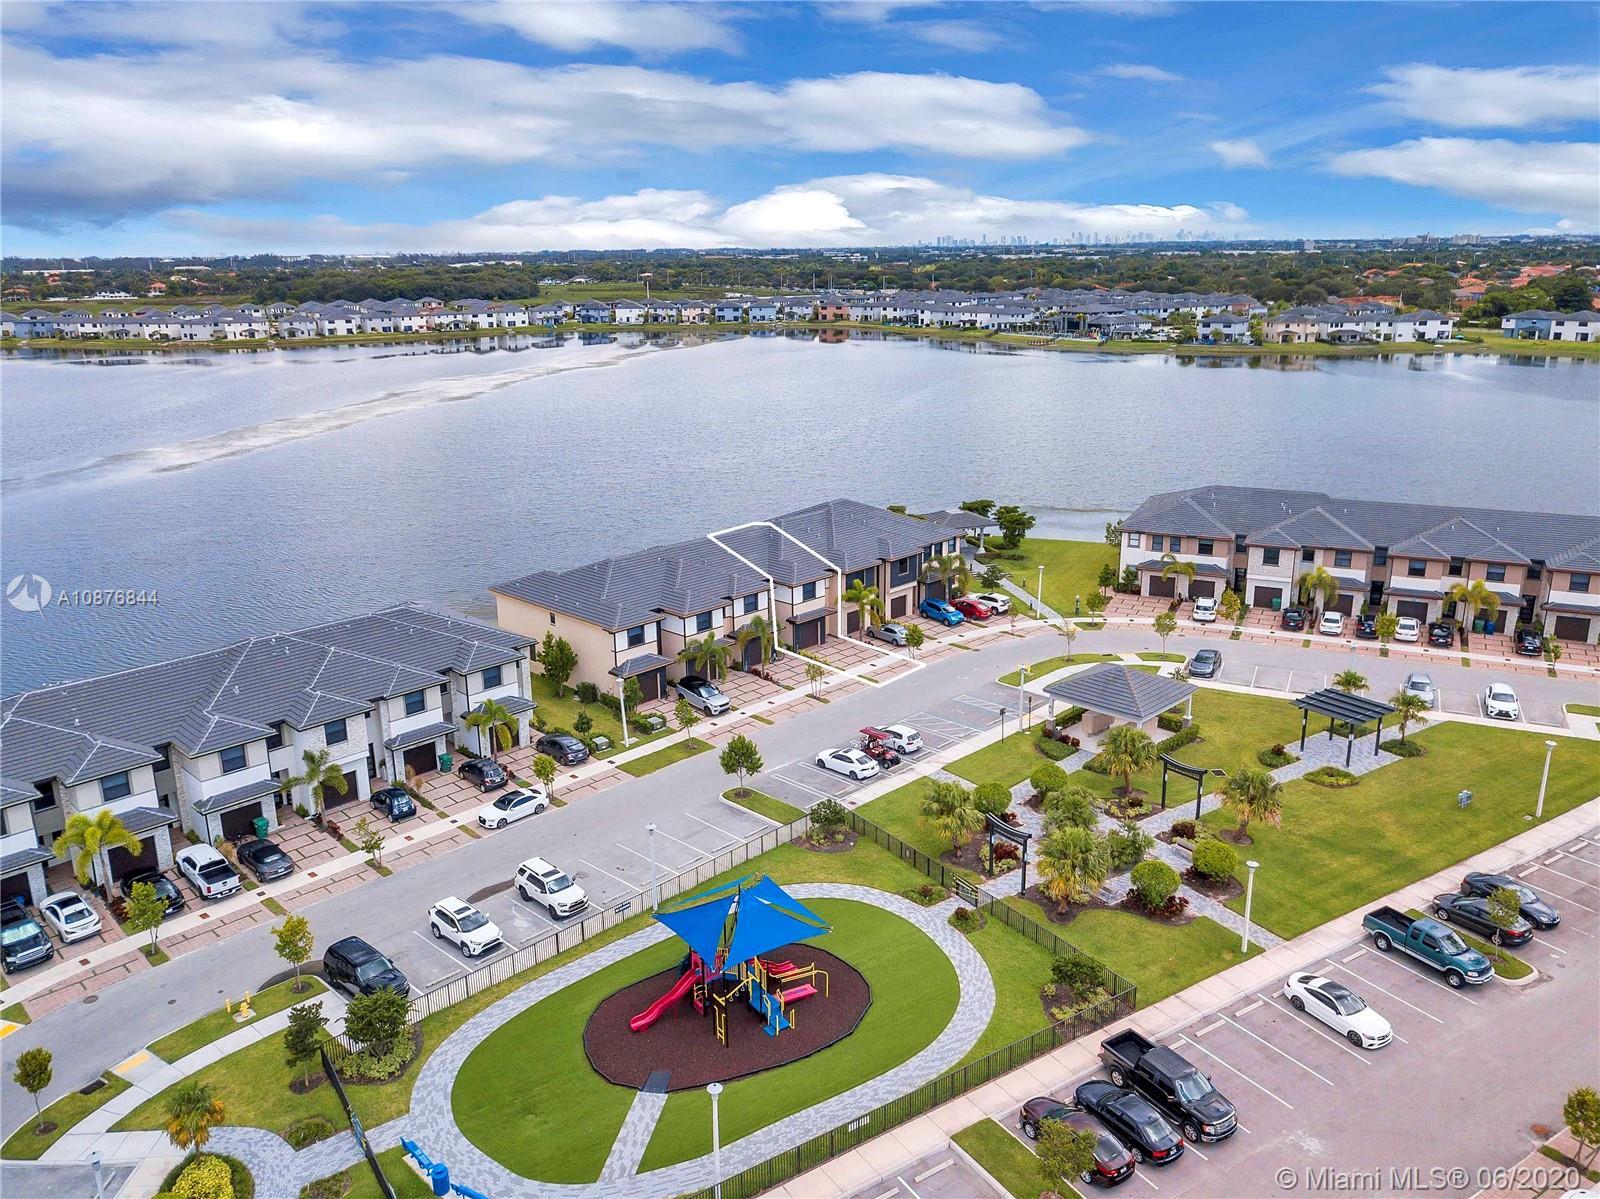 Miami Lakes #15839 - 61 - photo